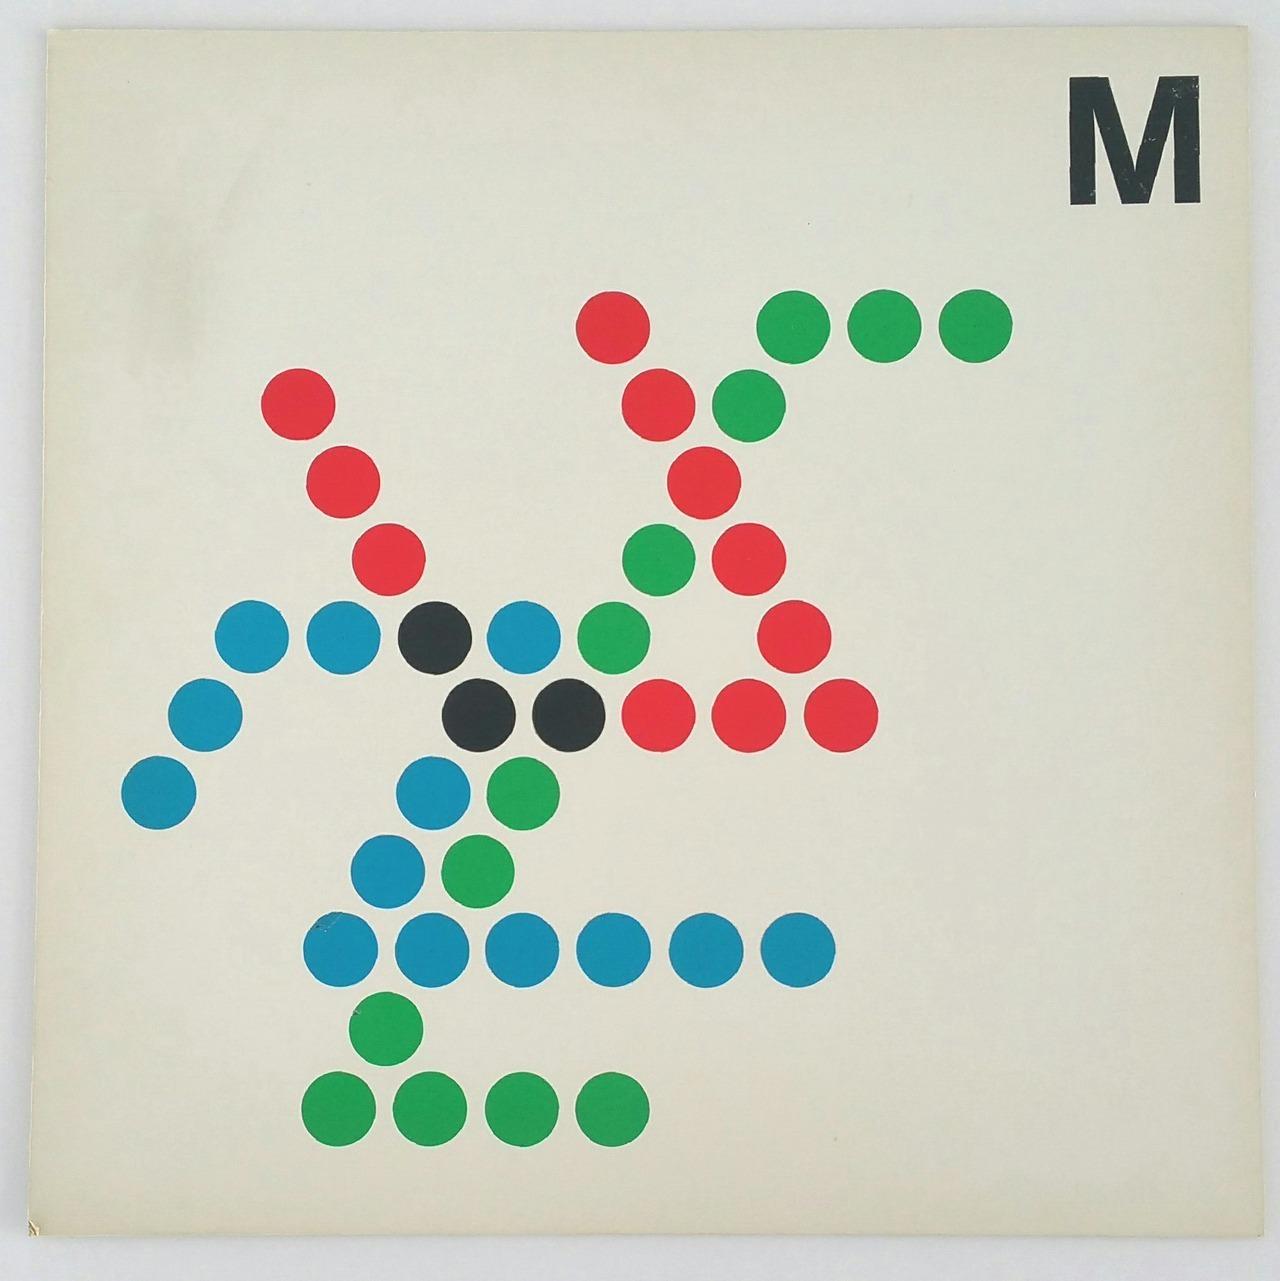 vignelli archive metro dc 1